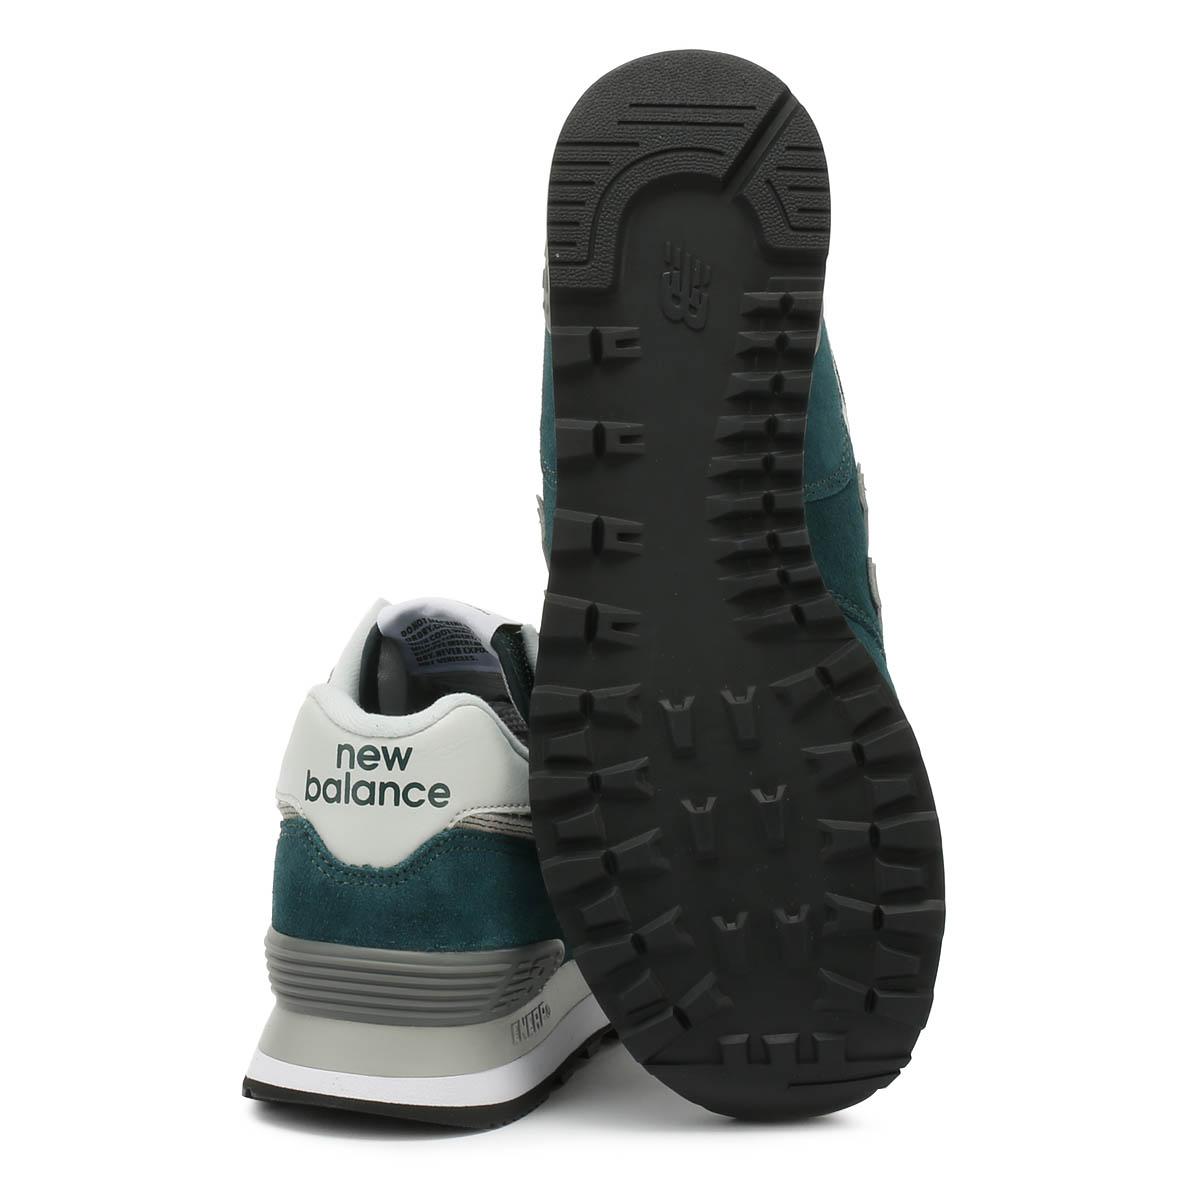 Vert Mens lacets 574 Balance Chaussures Classique Trainers à New q5PI1wW